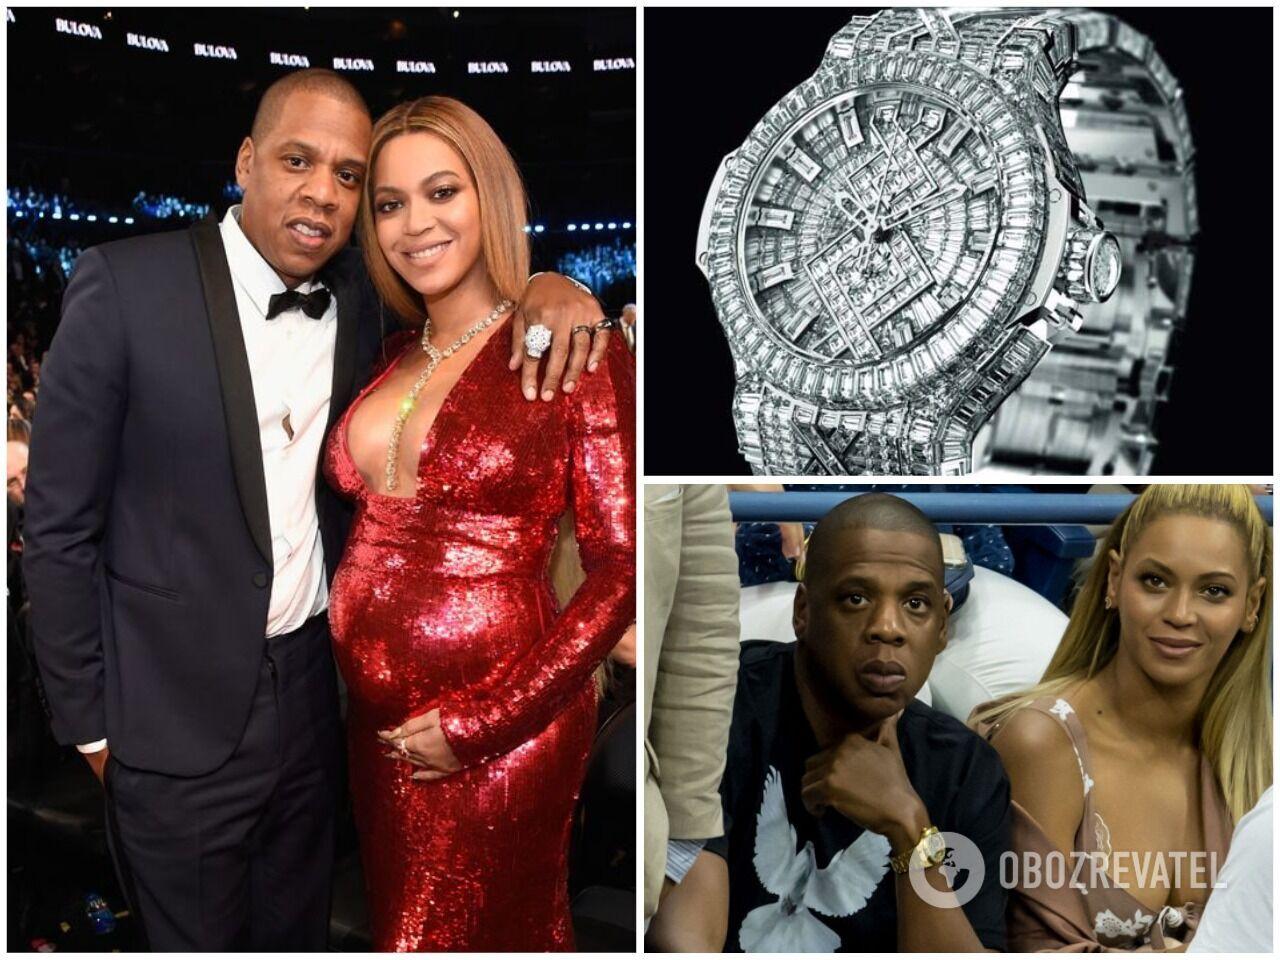 У Jay-Z есть несколько часов стоимостью в несколько миллионов долларов